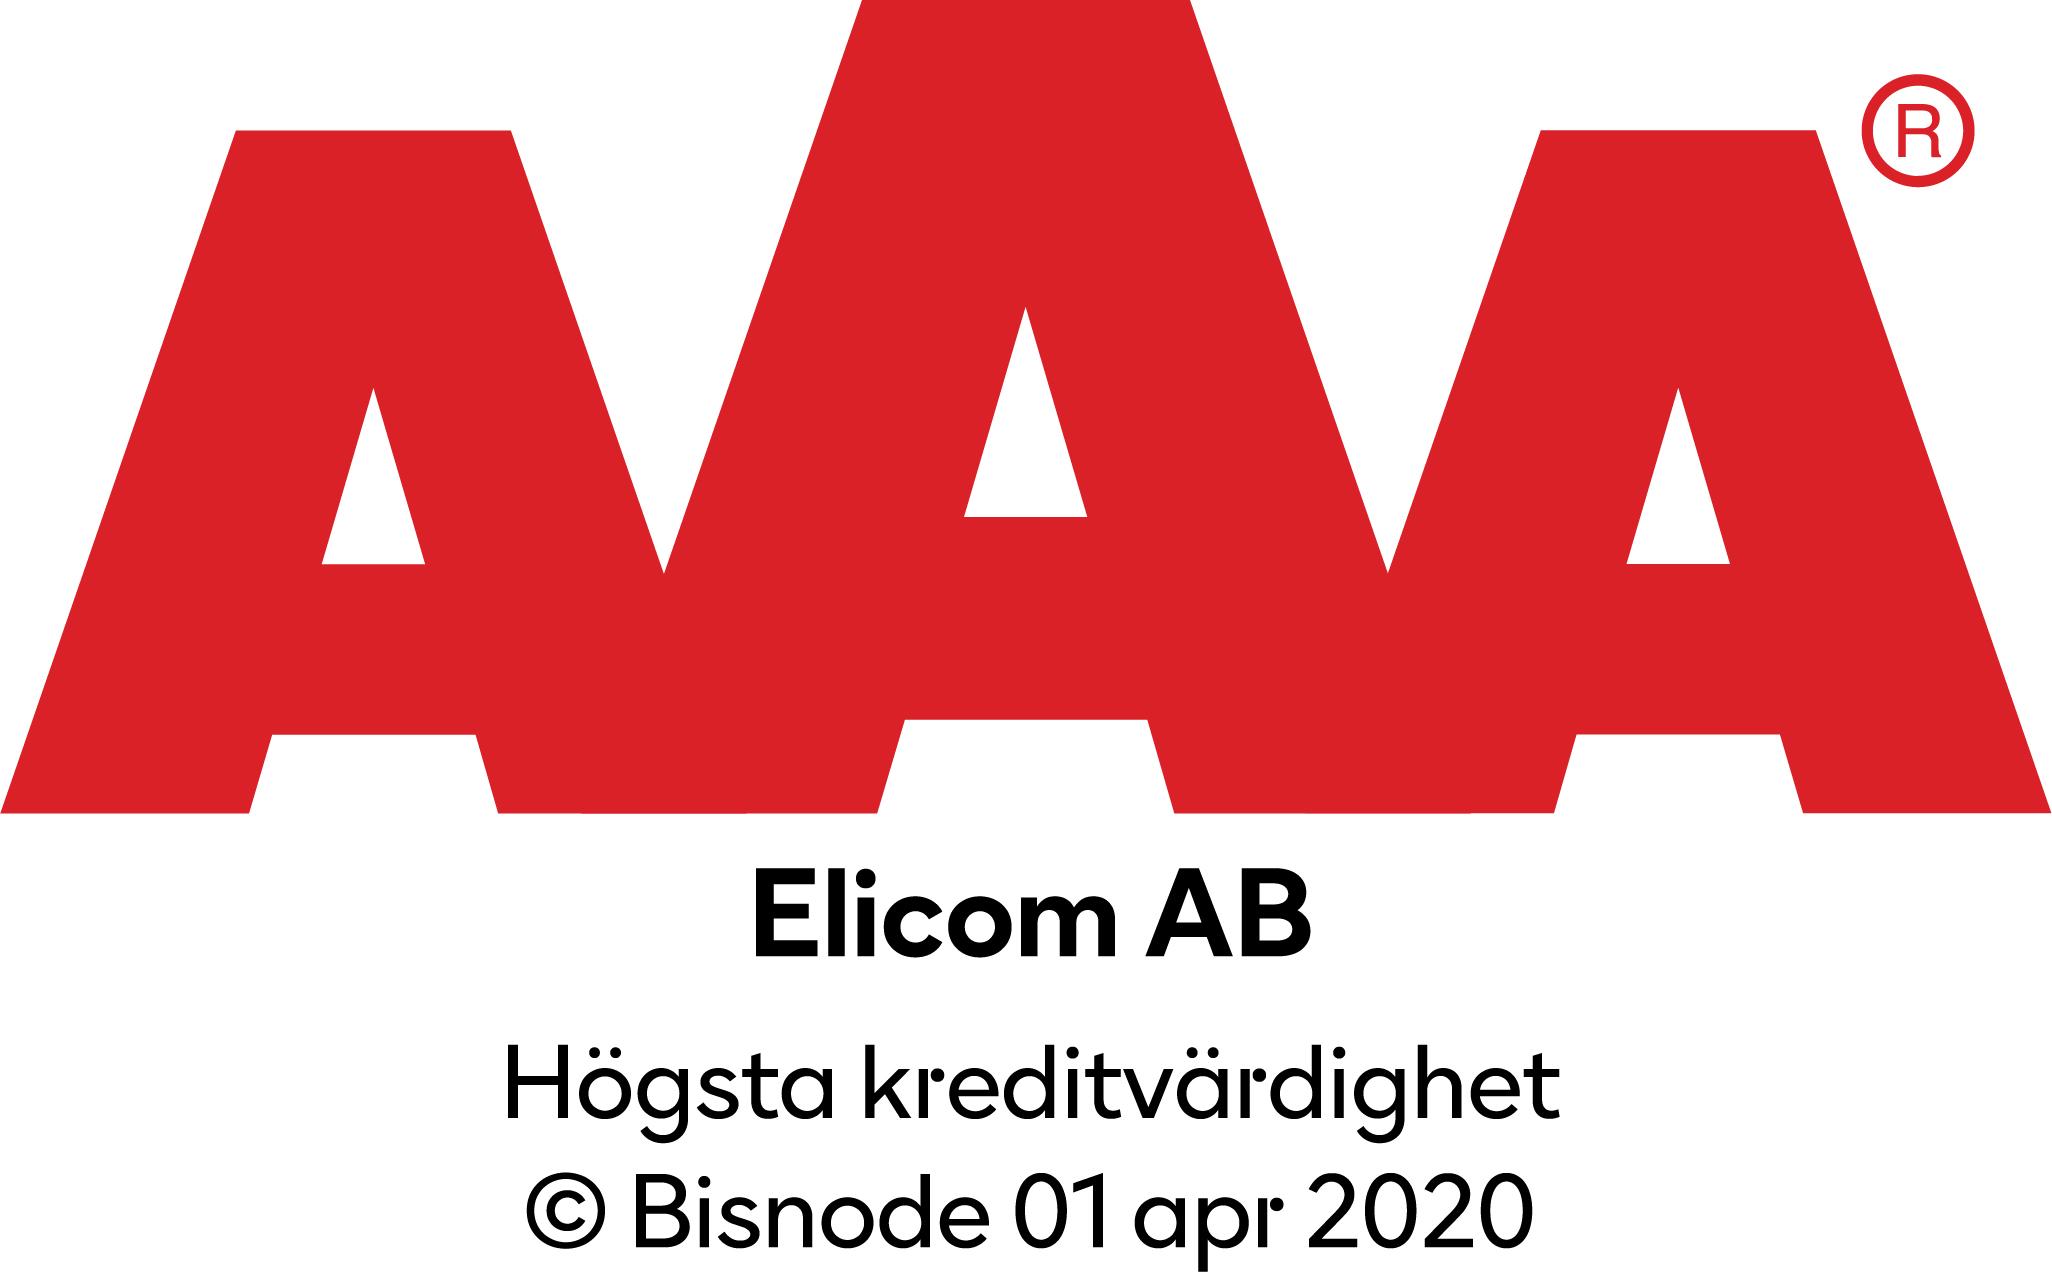 http://logotype-aaa